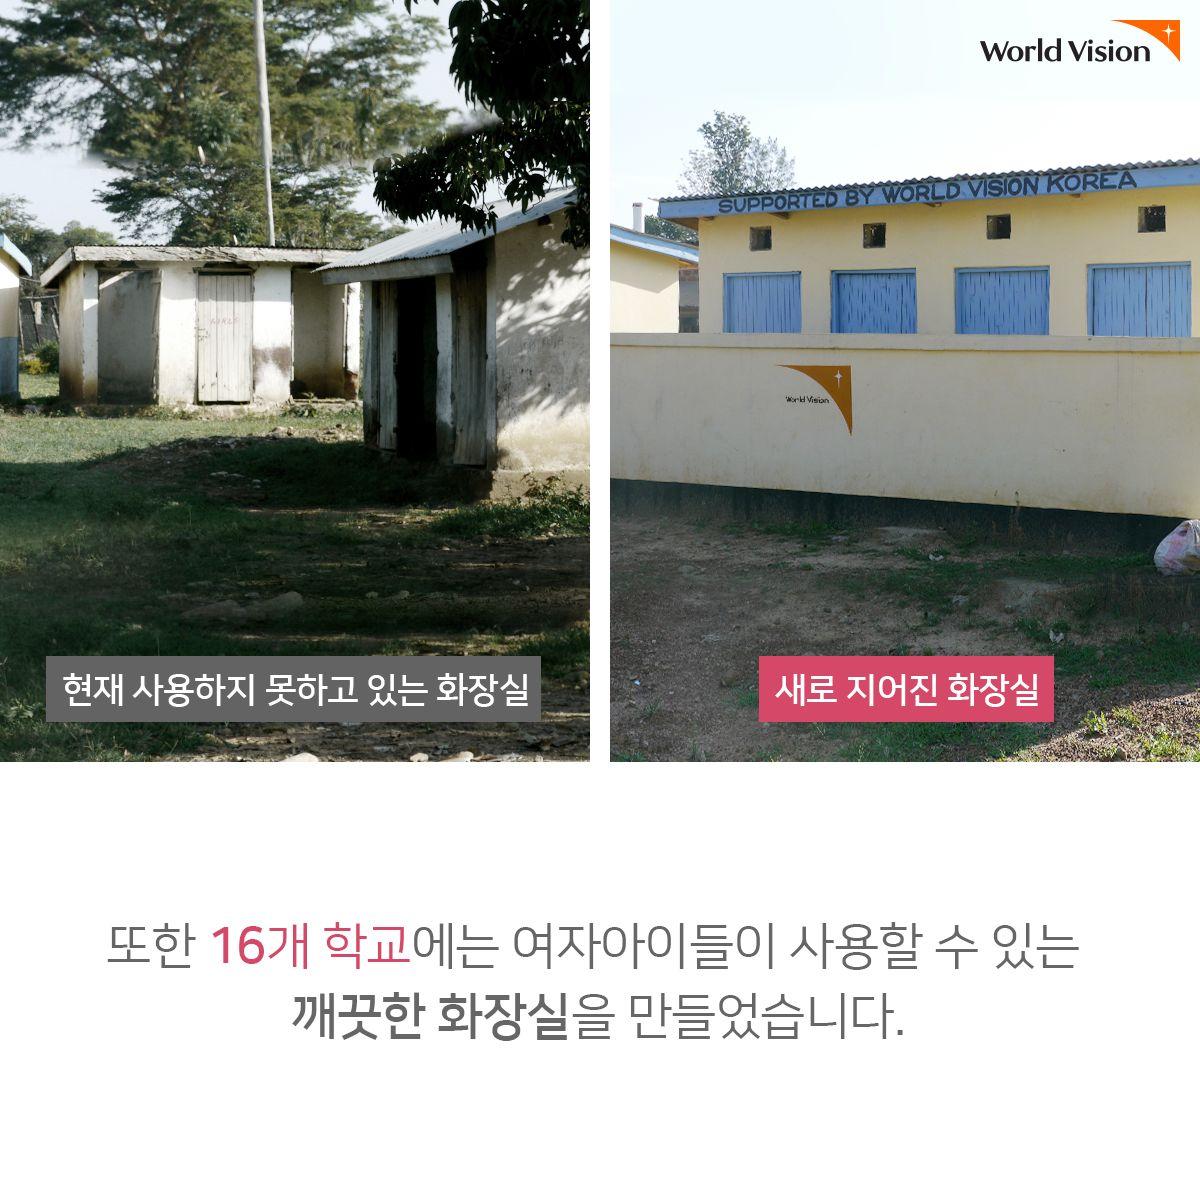 또한 16개 학교에는 여자아이들이 사용할 수 있는 깨끗한 화장실을만들었습니다.